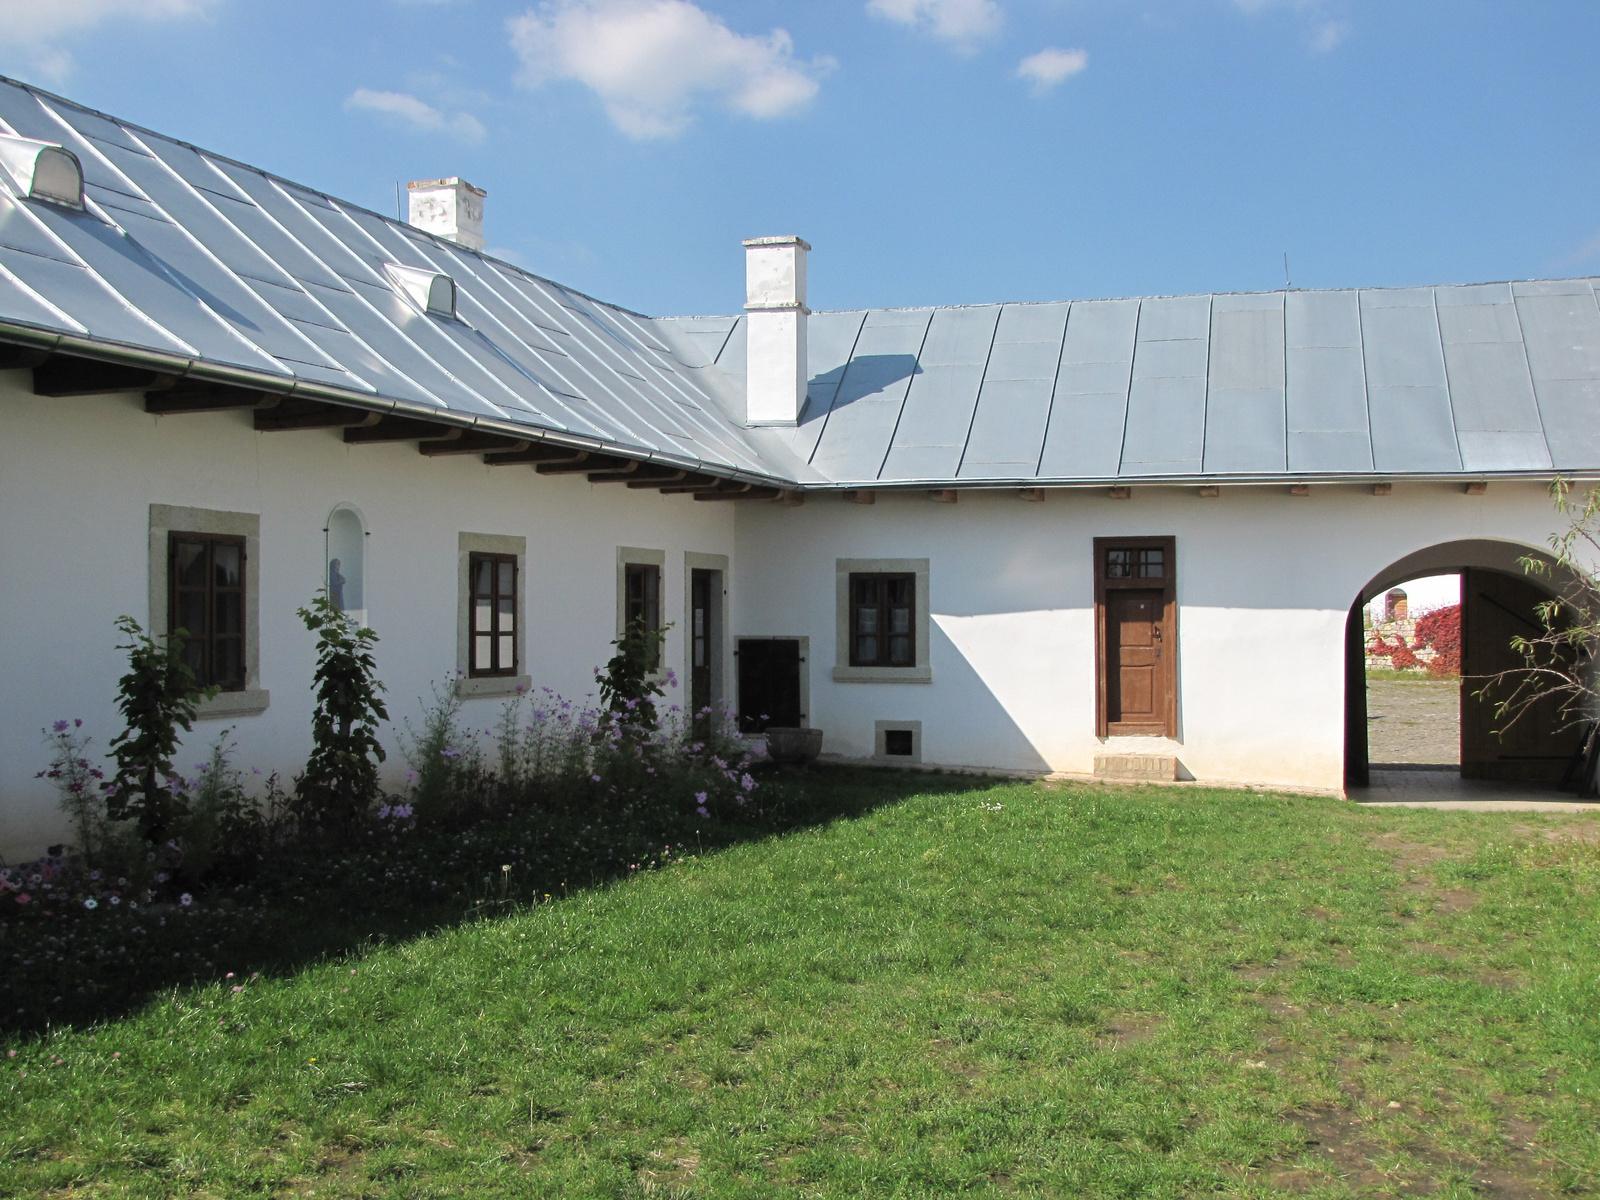 Magyarország, Szentendre, Skanzen, SzG3